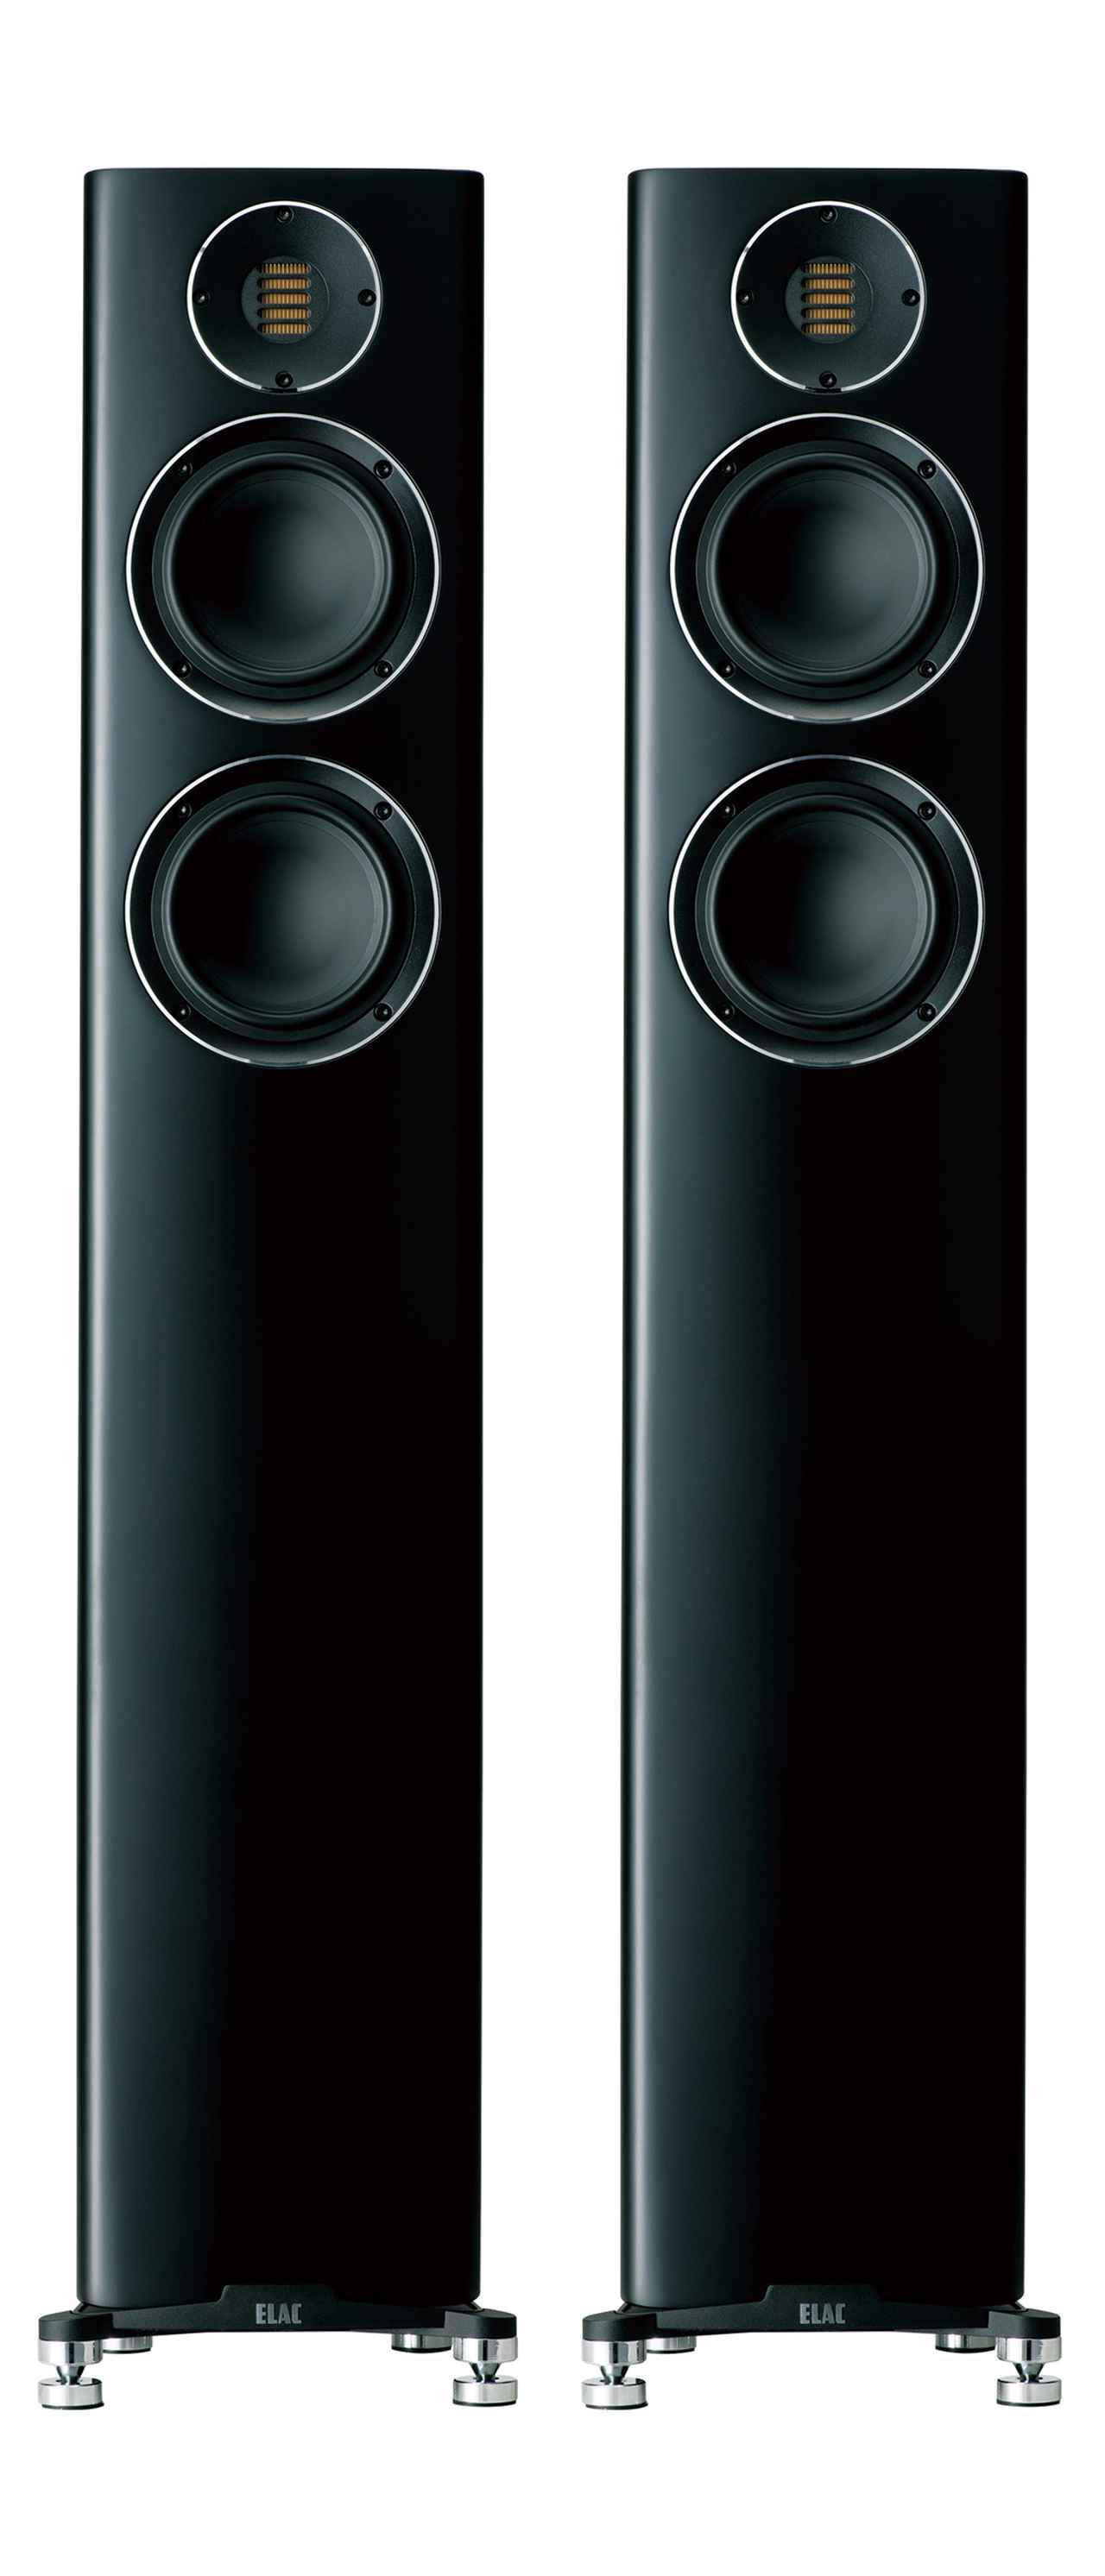 画像13: 【HiVi冬のベストバイ2019】決定! 一番お得なAV機器&オーディオ製品はこれだ!